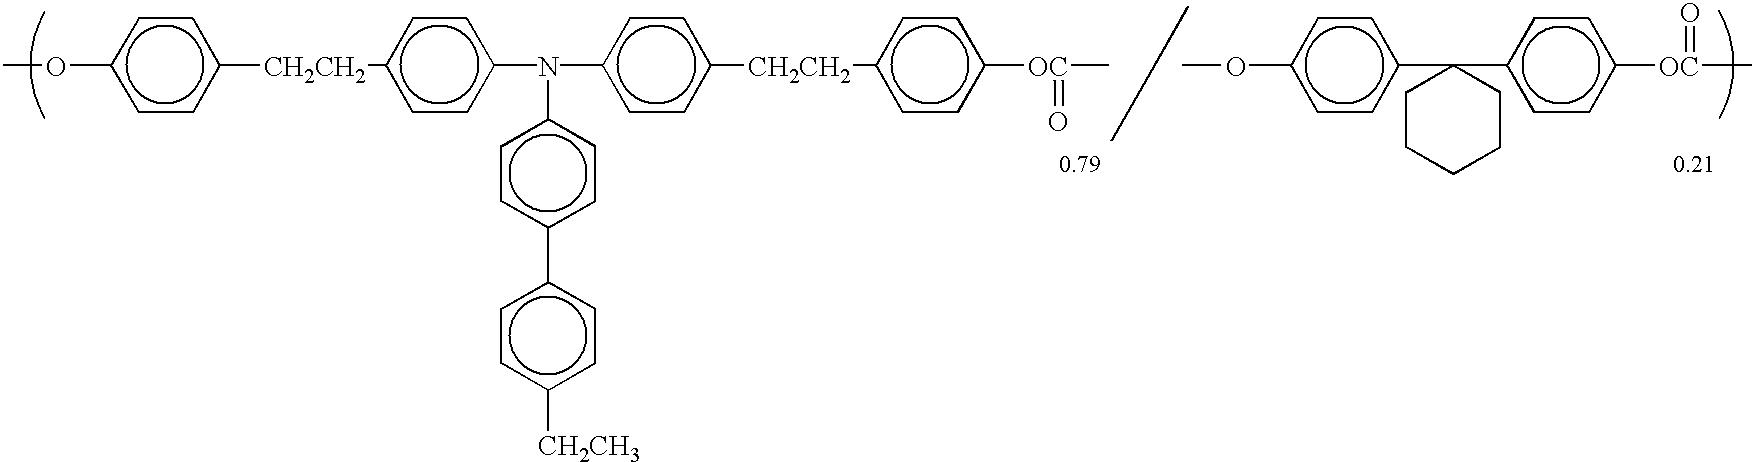 Figure US20030194627A1-20031016-C00184